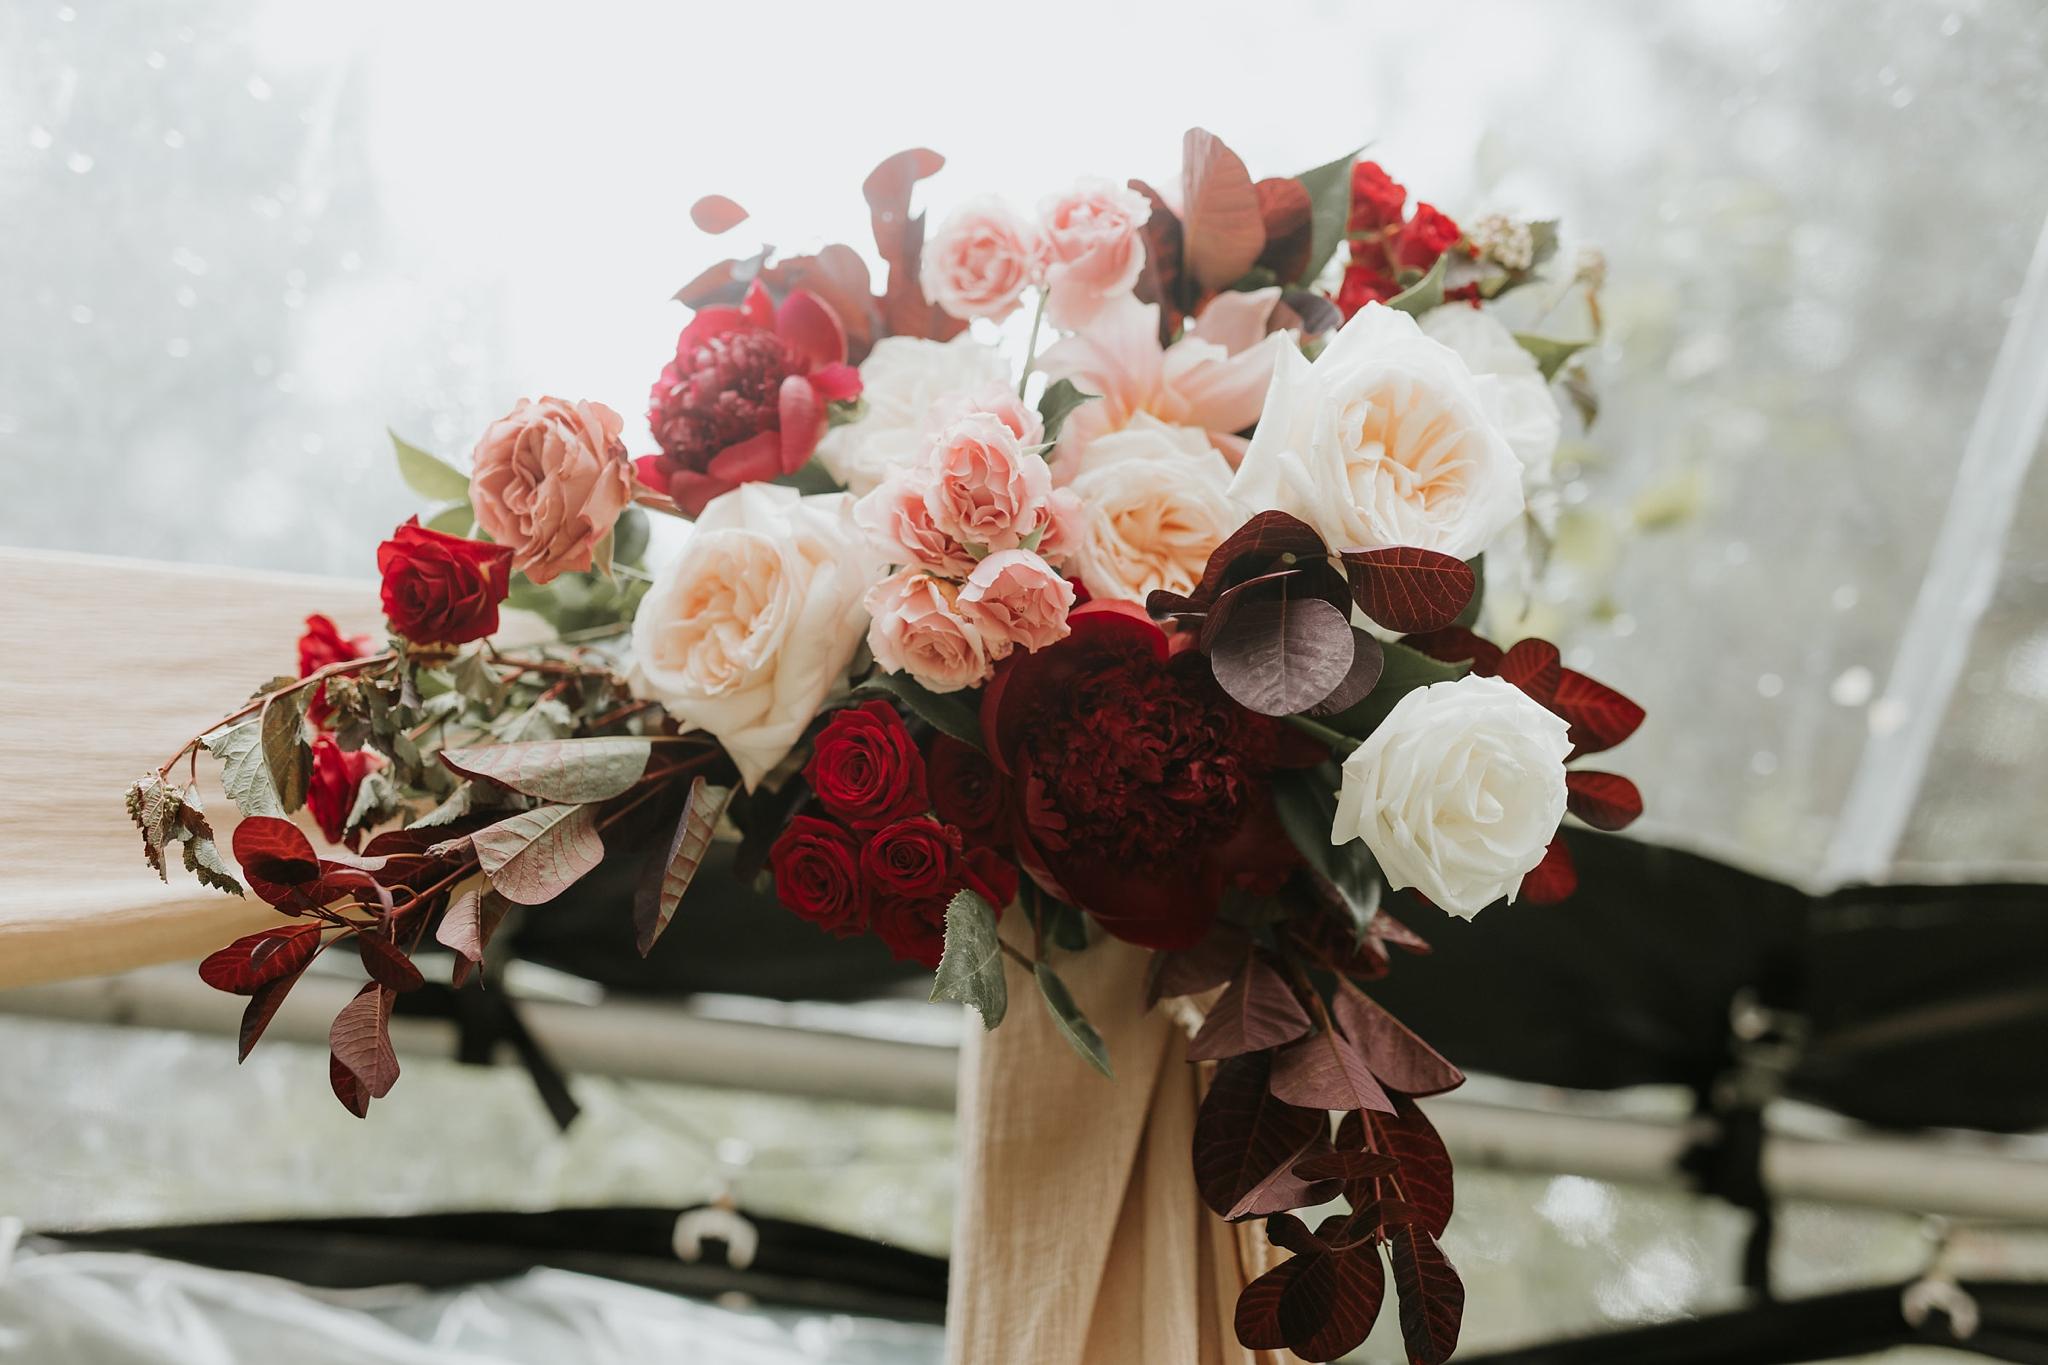 Alicia+lucia+photography+-+albuquerque+wedding+photographer+-+santa+fe+wedding+photography+-+new+mexico+wedding+photographer+-+new+mexico+wedding+-+new+mexico+florist+-+floriography+flowers+-+floriography+flowers+new+mexico+-+wedding+florist_0046.jpg